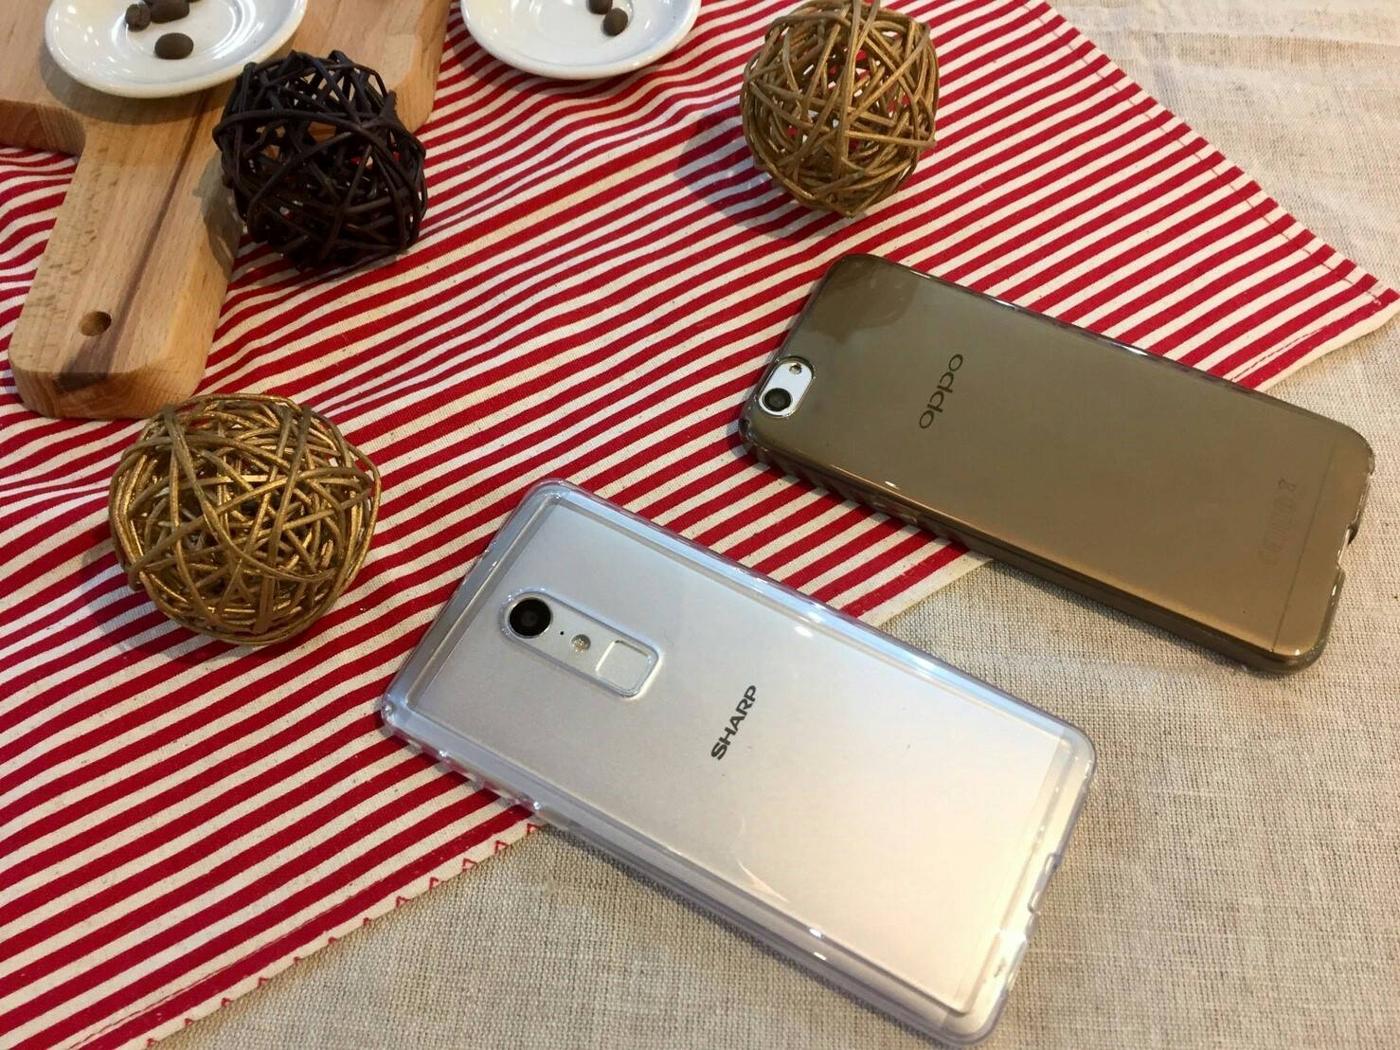 矽膠軟殼套SAMSUNG C9 Pro C900YZ透明殼背殼套果凍套清水套手機套手機殼保護套保護殼